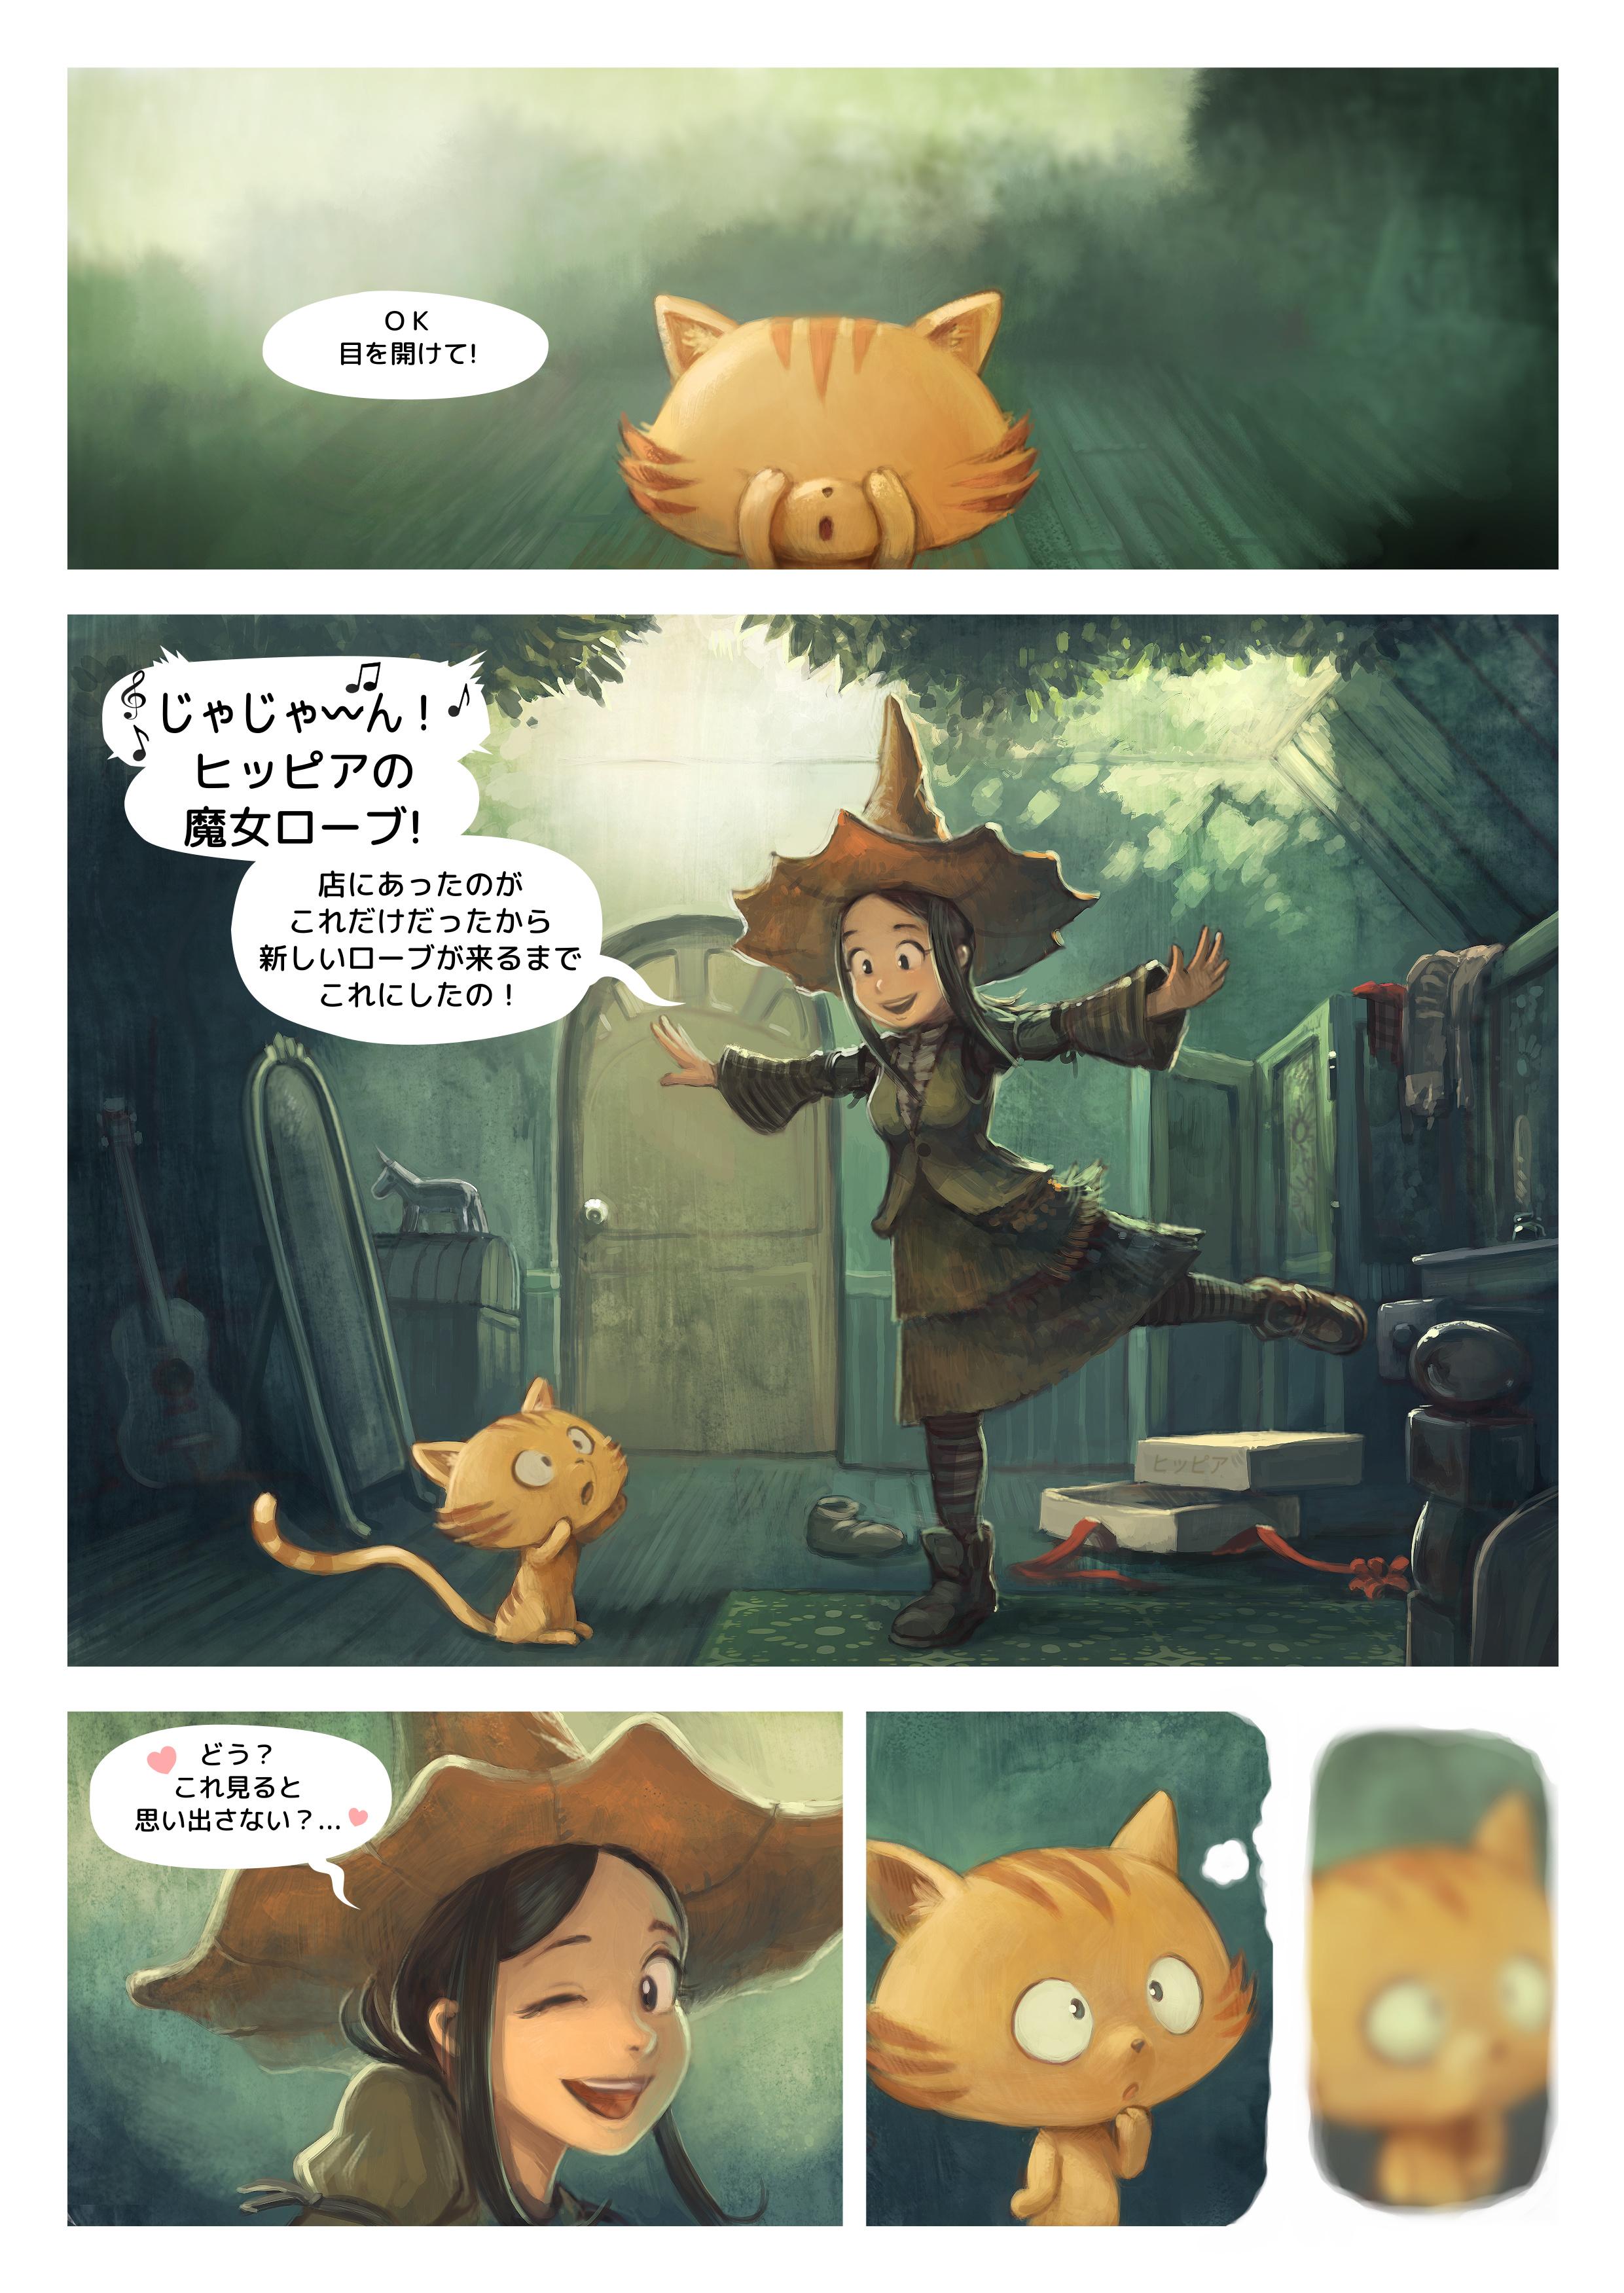 ページ 1